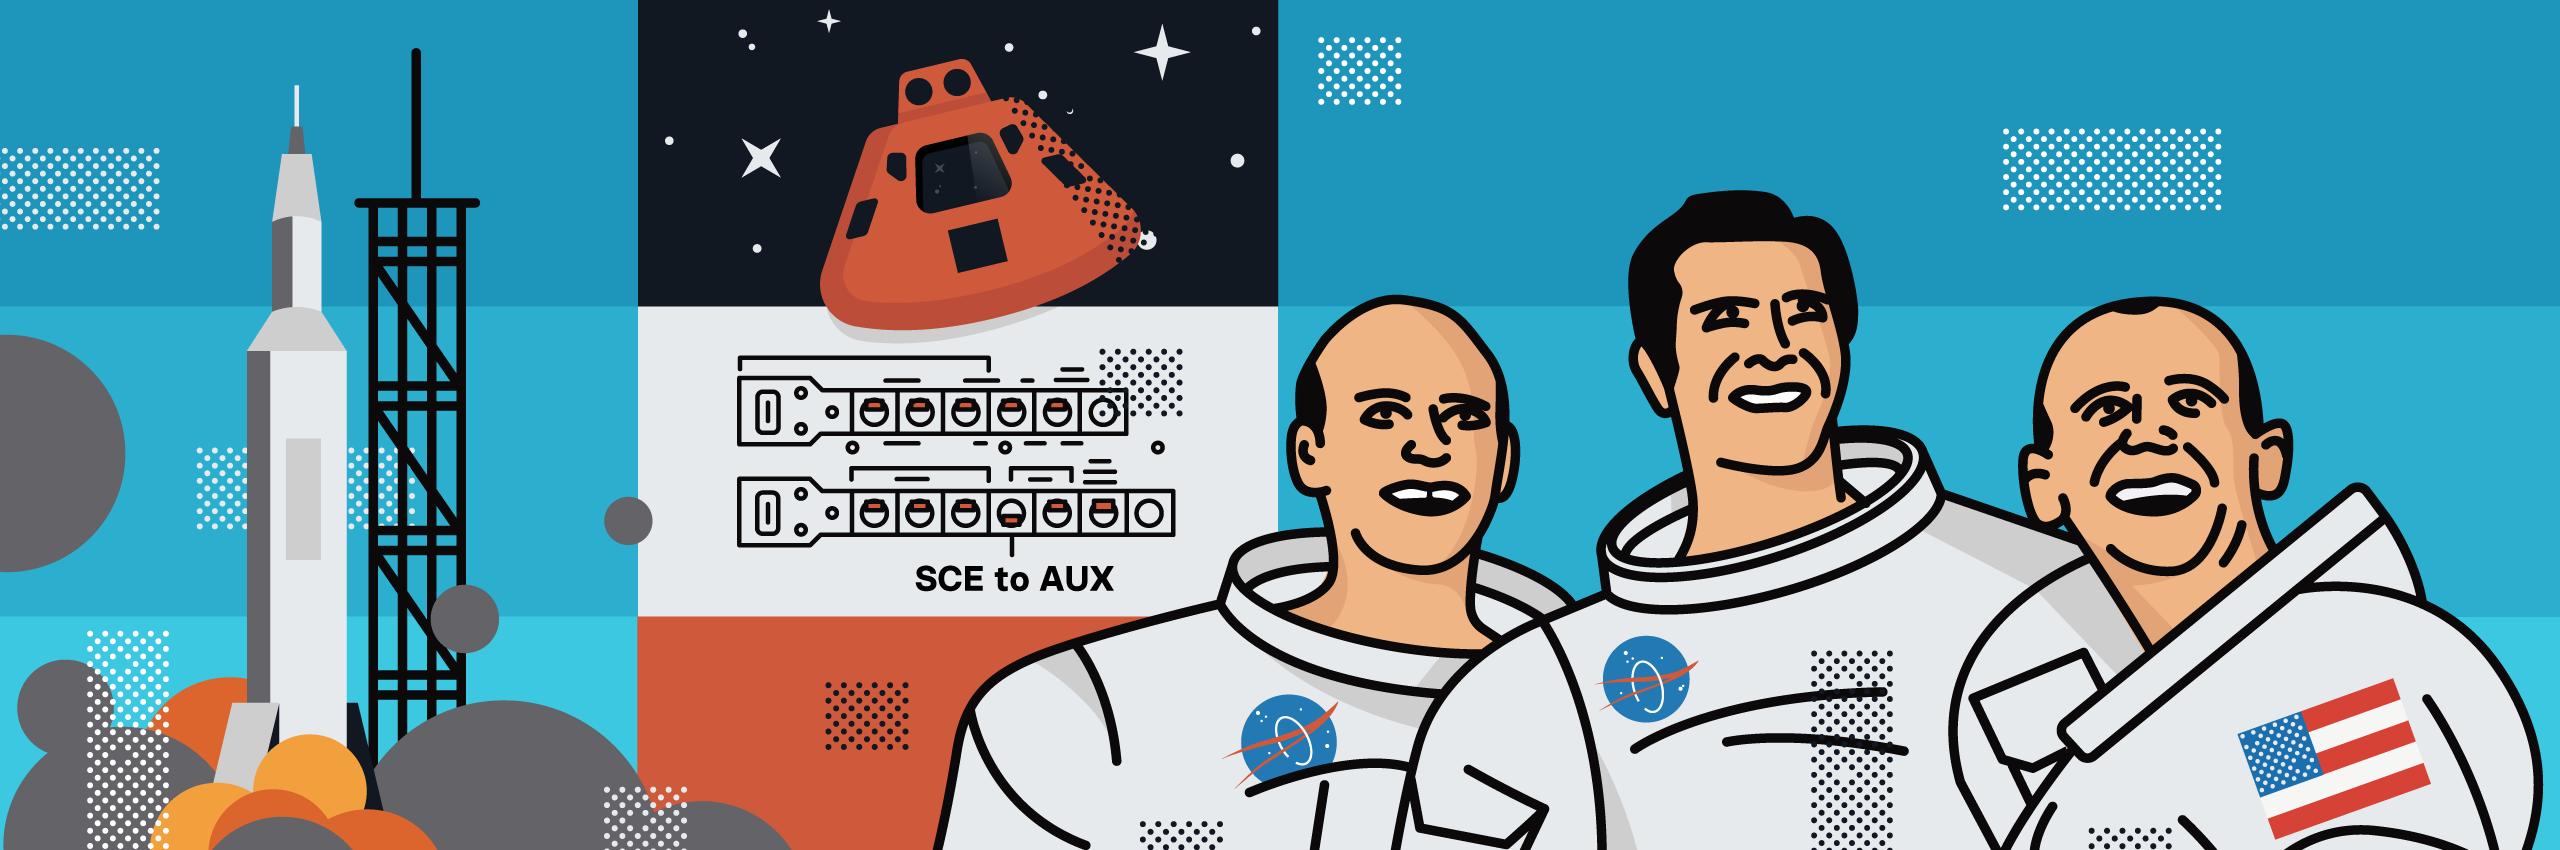 Apollo 12 crew and command module.